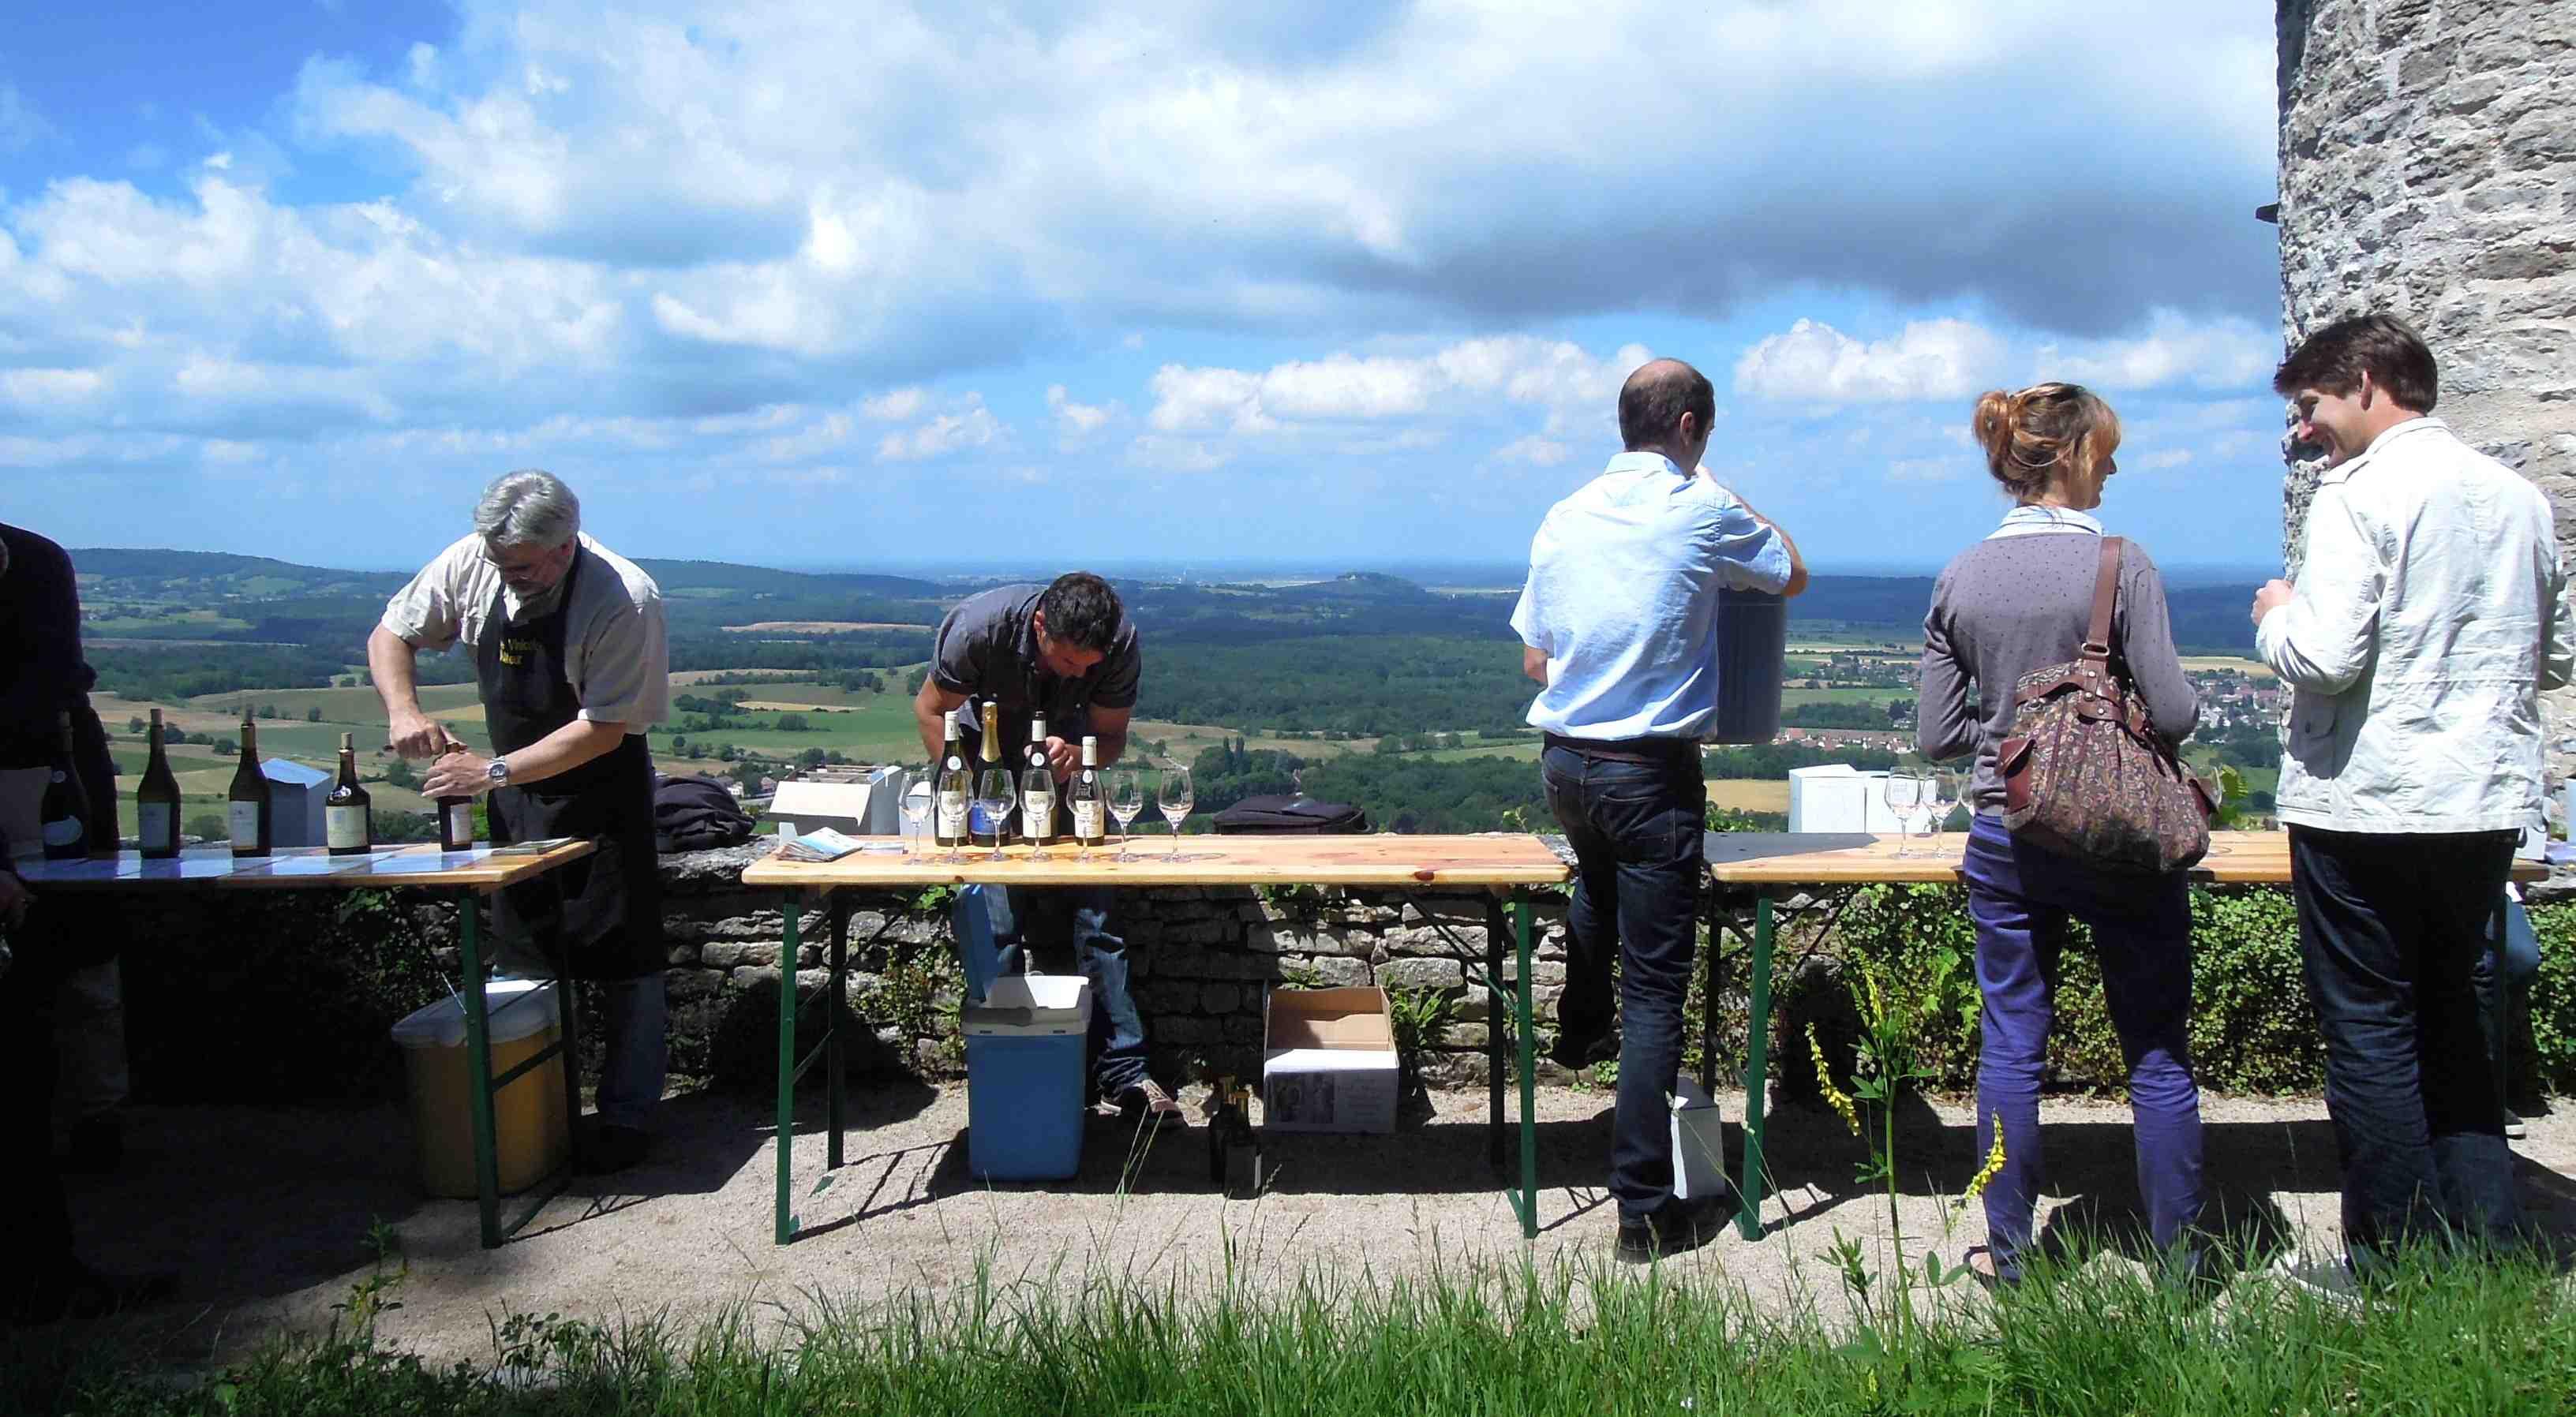 Petite Escapade oenologique dans le Jura - Jura - Vins, fromages et charcuteries… les délices du Jura - 1